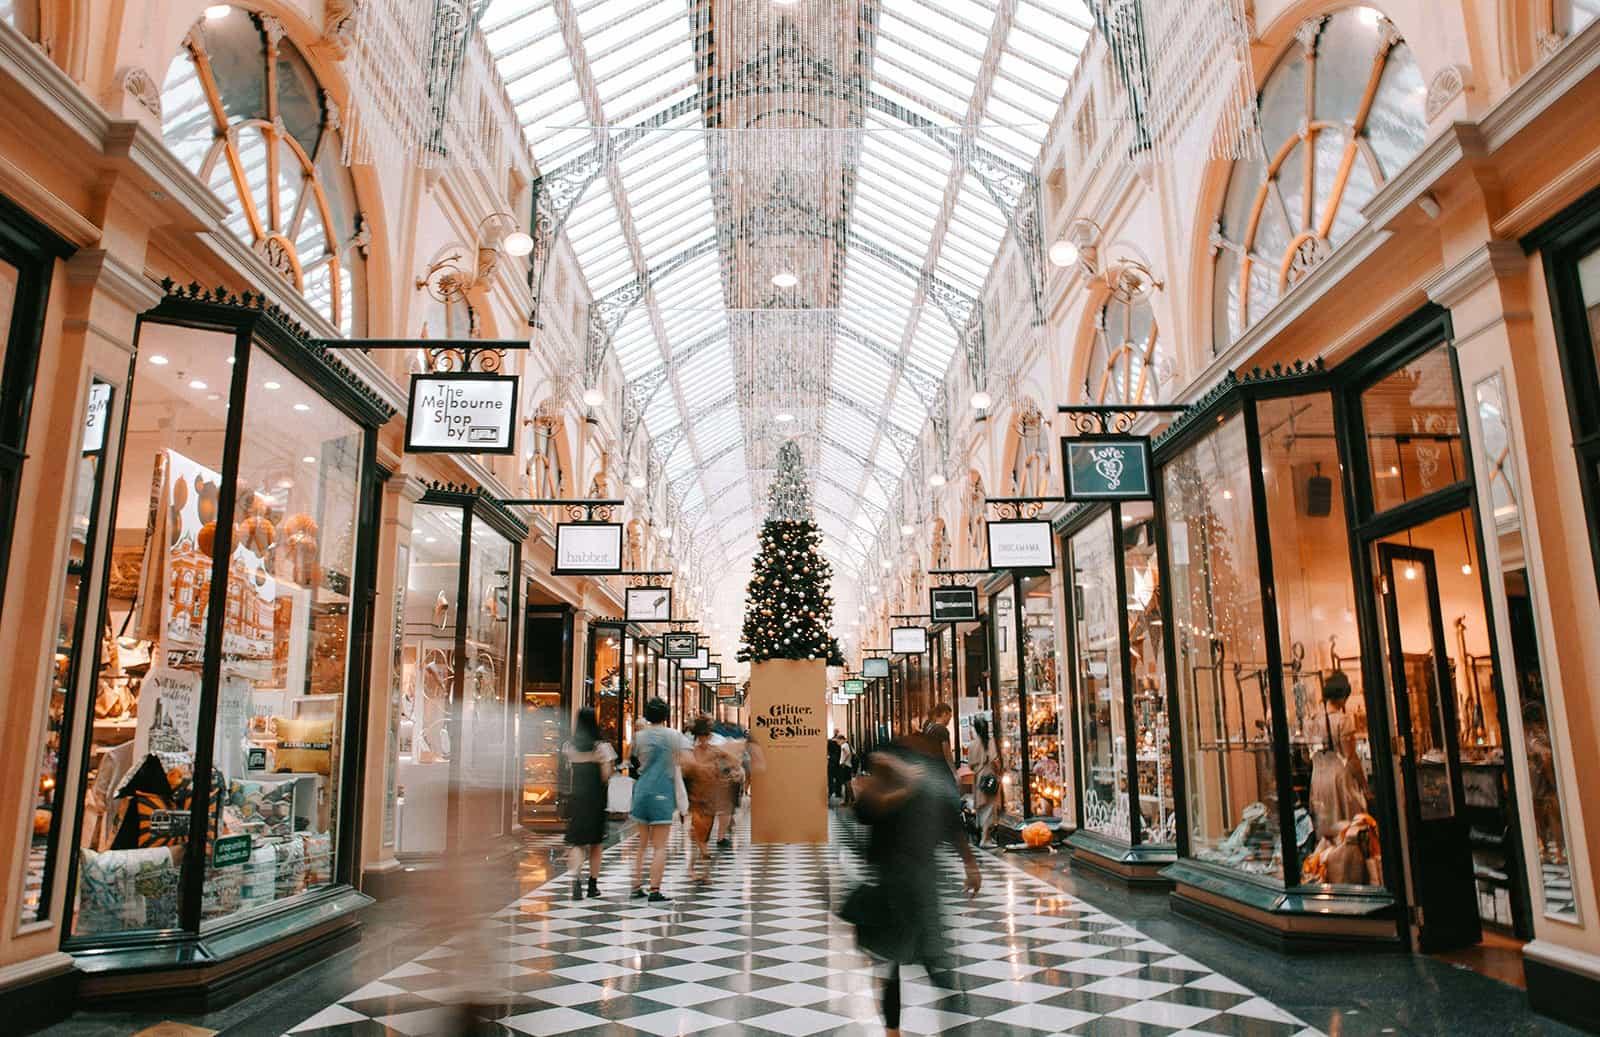 Galerie marchande à l'ancienne à Melbourne